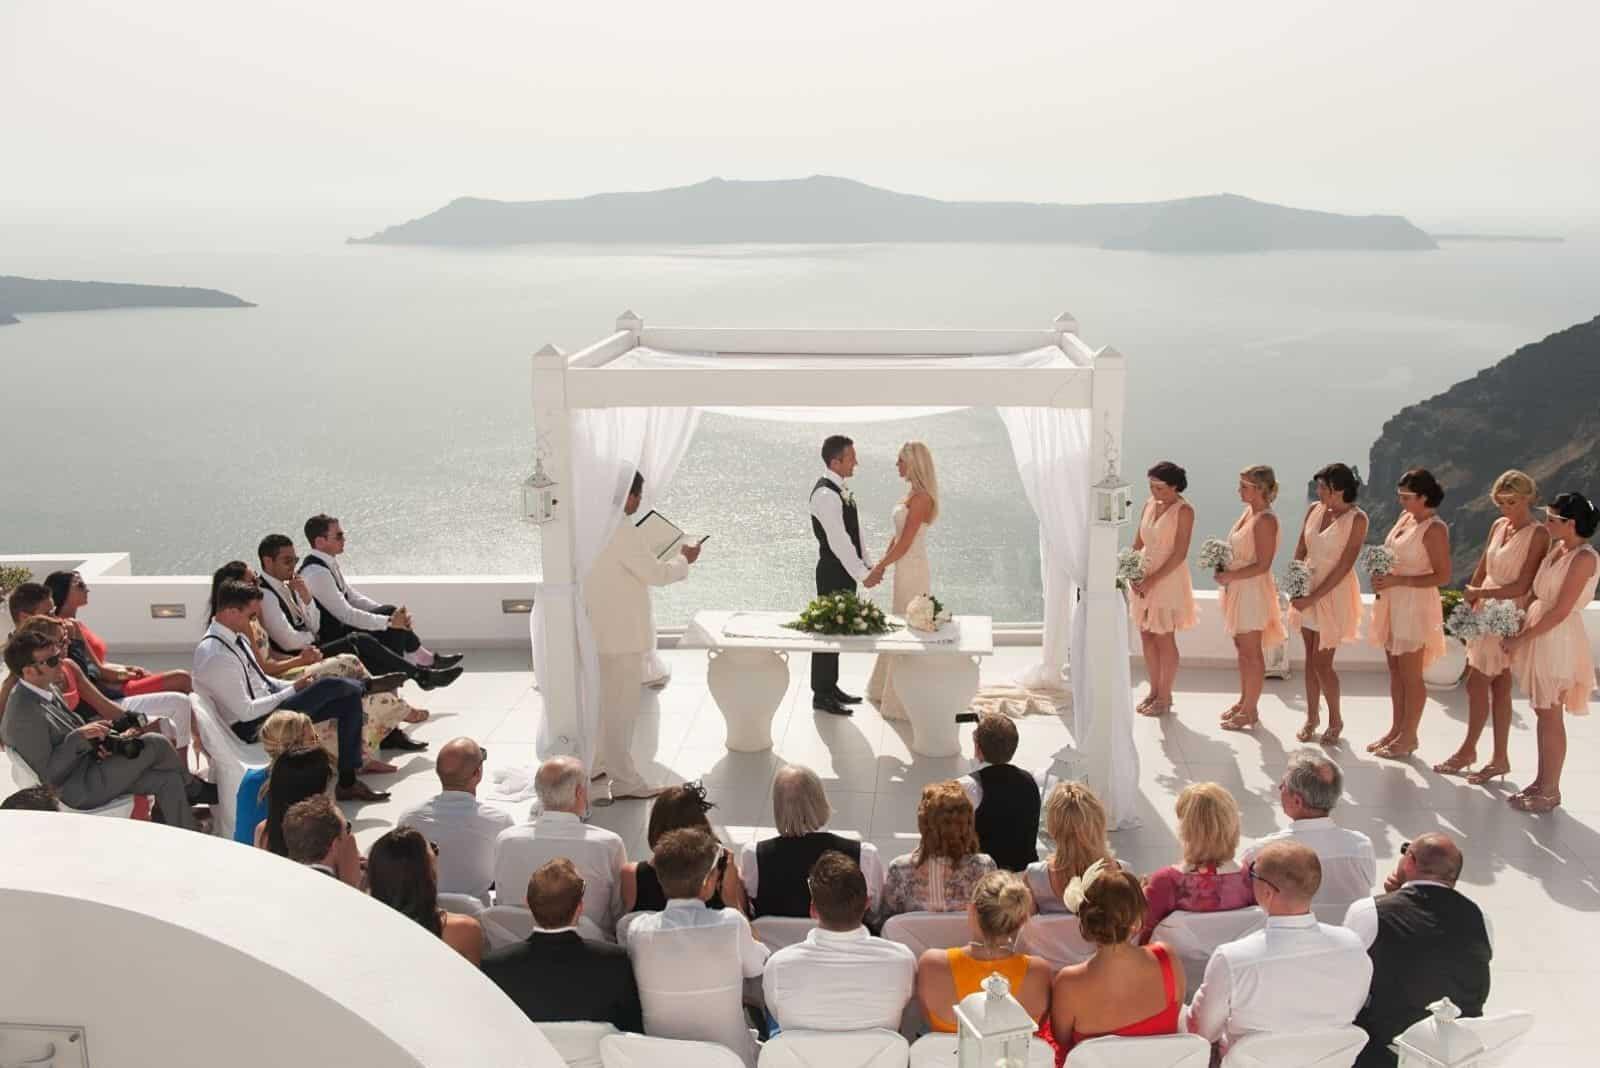 Hochzeit auf einer schönen Terrasse am Meer halten die Jungvermählten Händchen